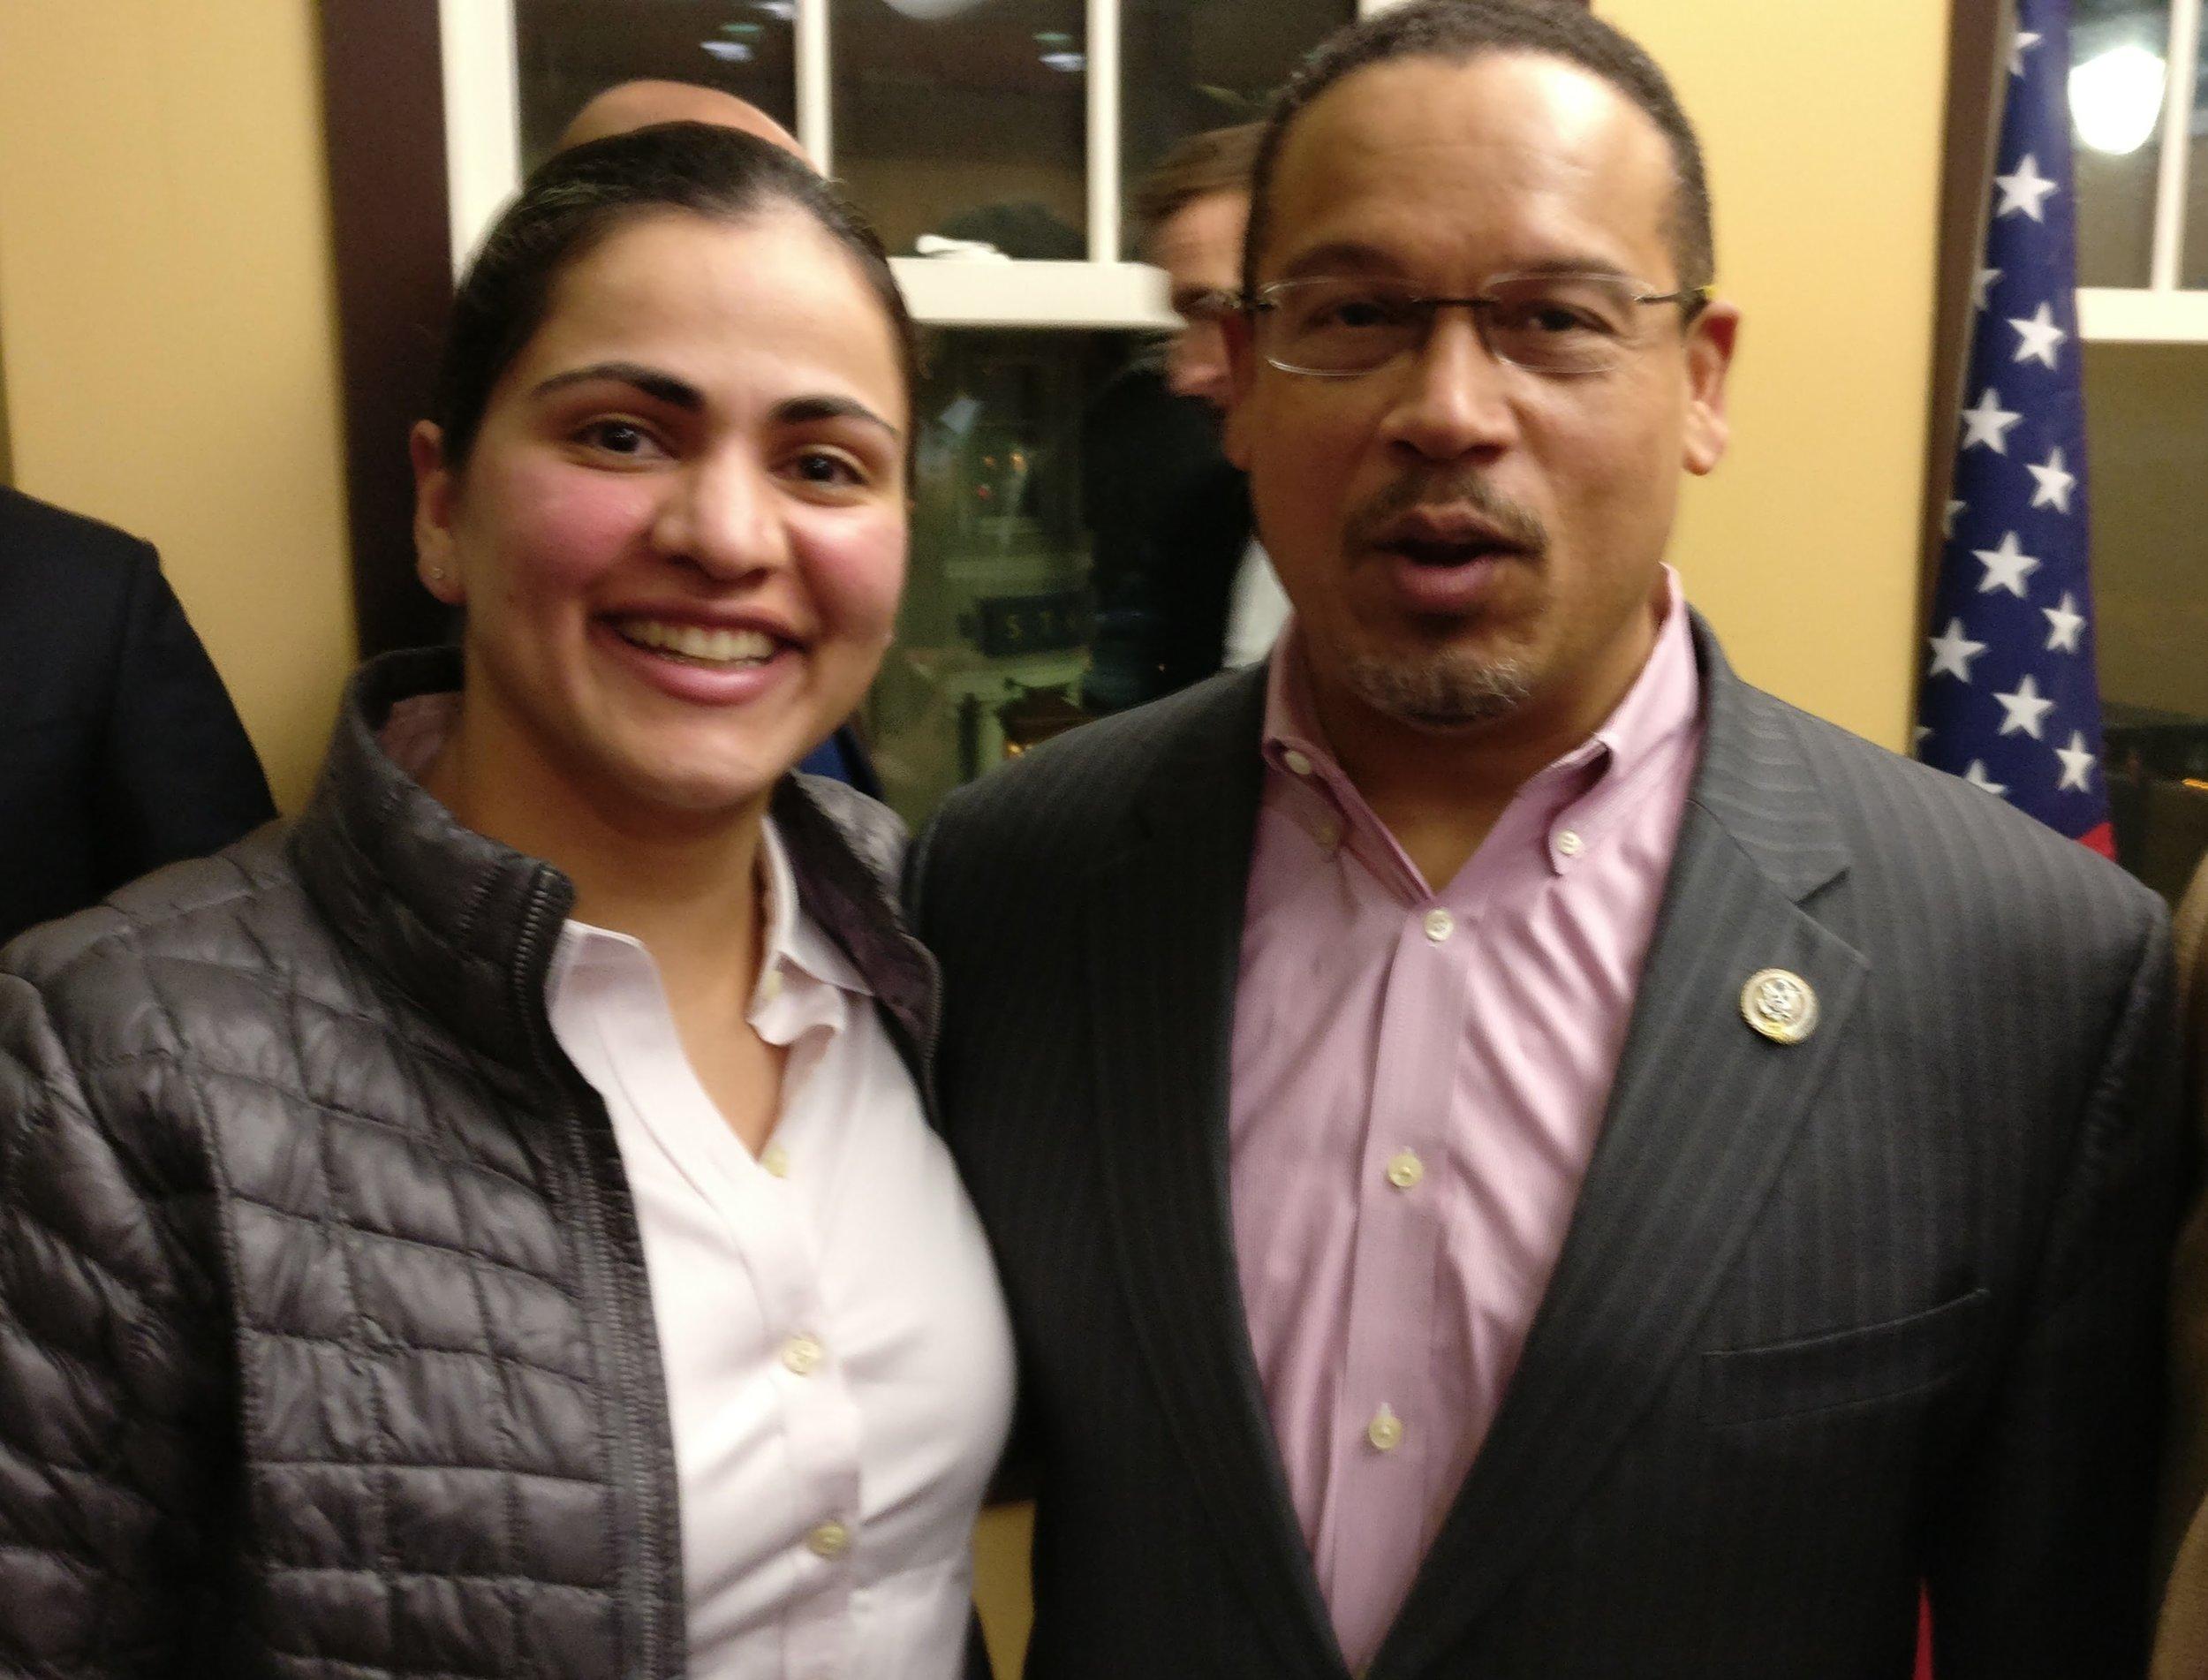 Congressman & DNC Deputy Chair Keith Ellison